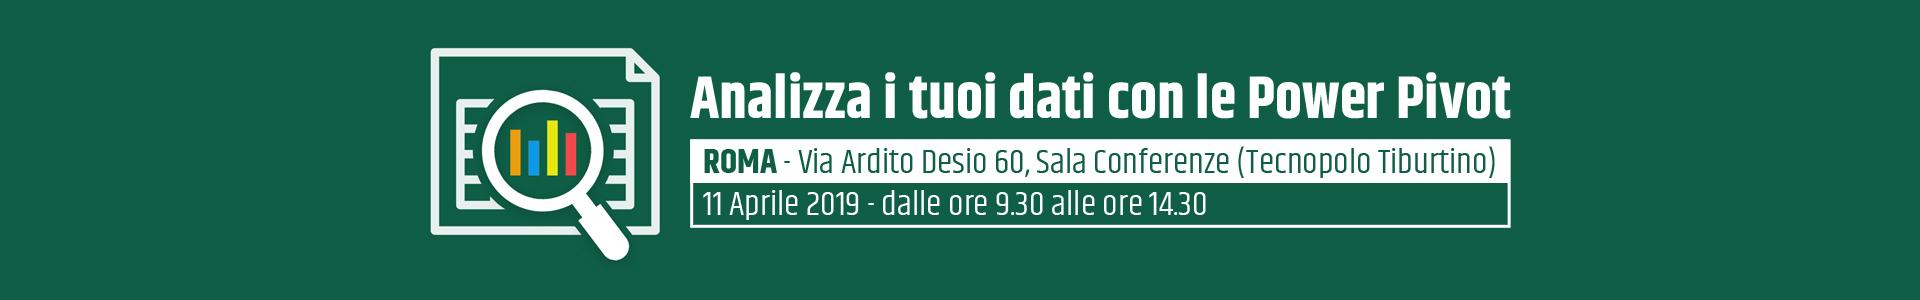 Analizza i tuoi dati con le Power Pivot - Roma 11 Aprile 2019